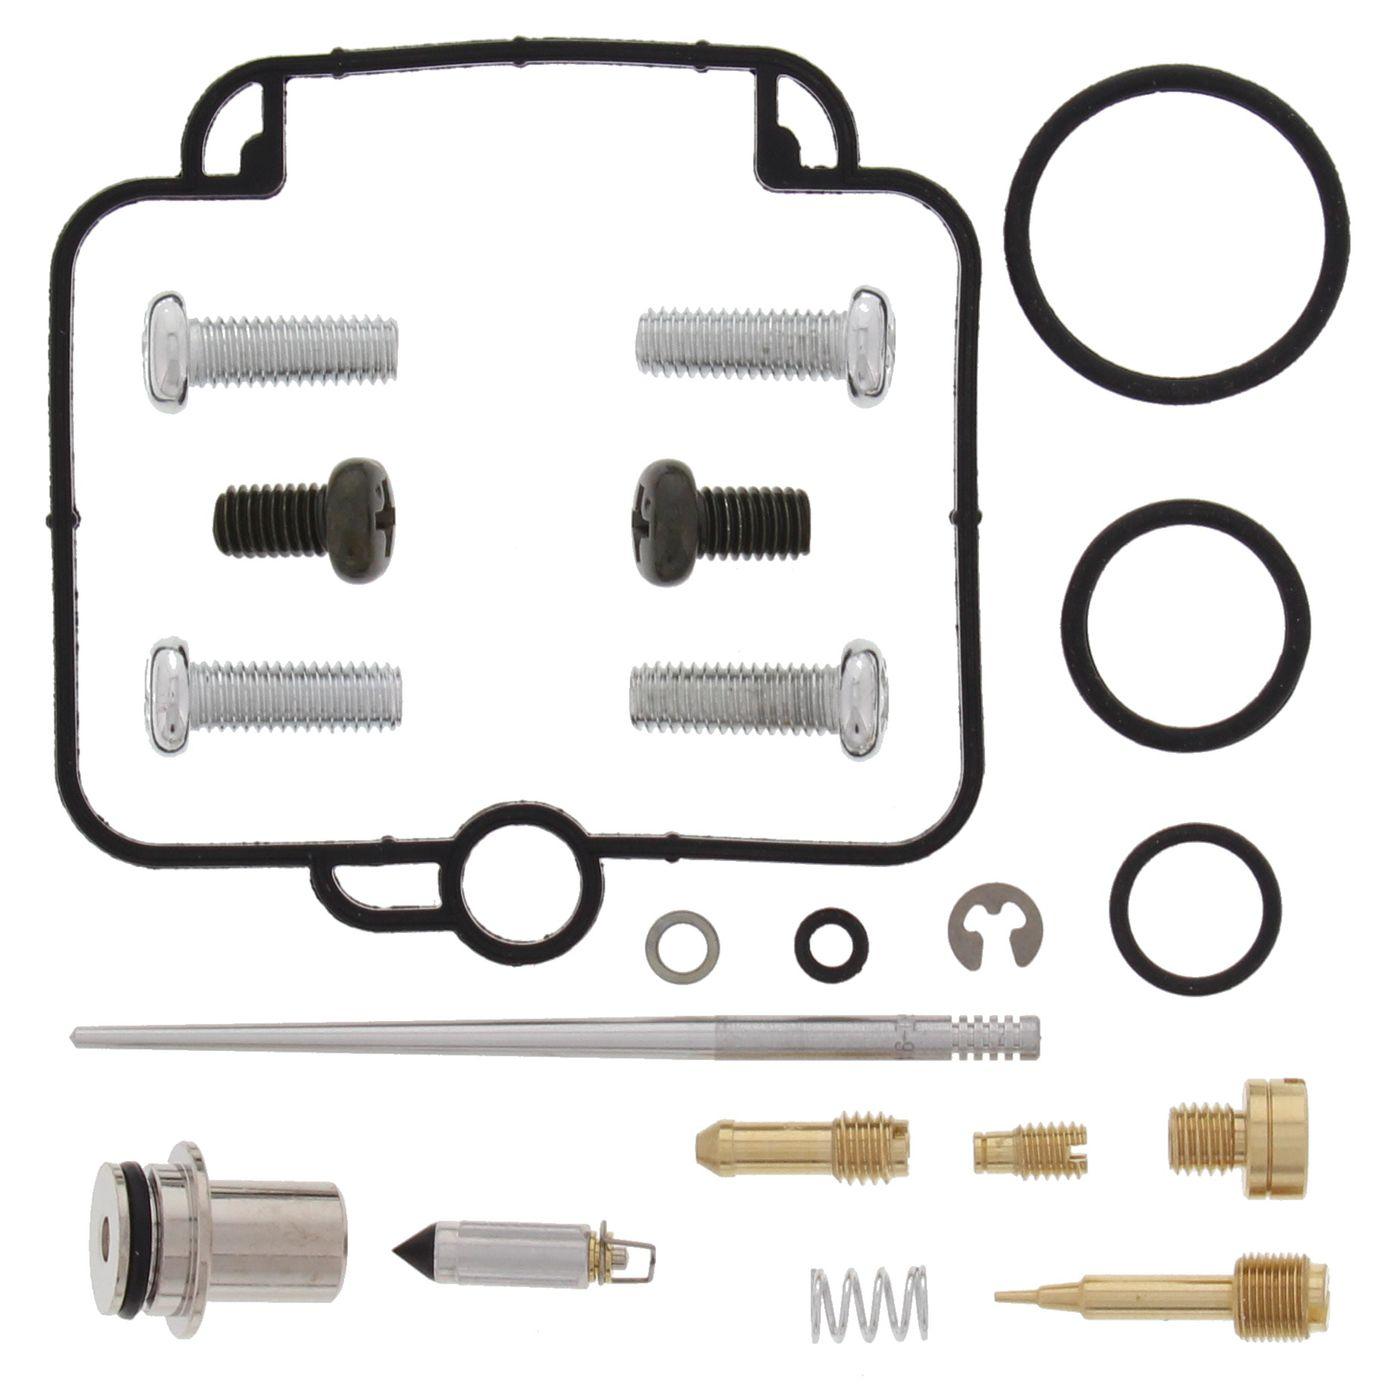 Wrp Carb Repair Kits - WRP261012 image